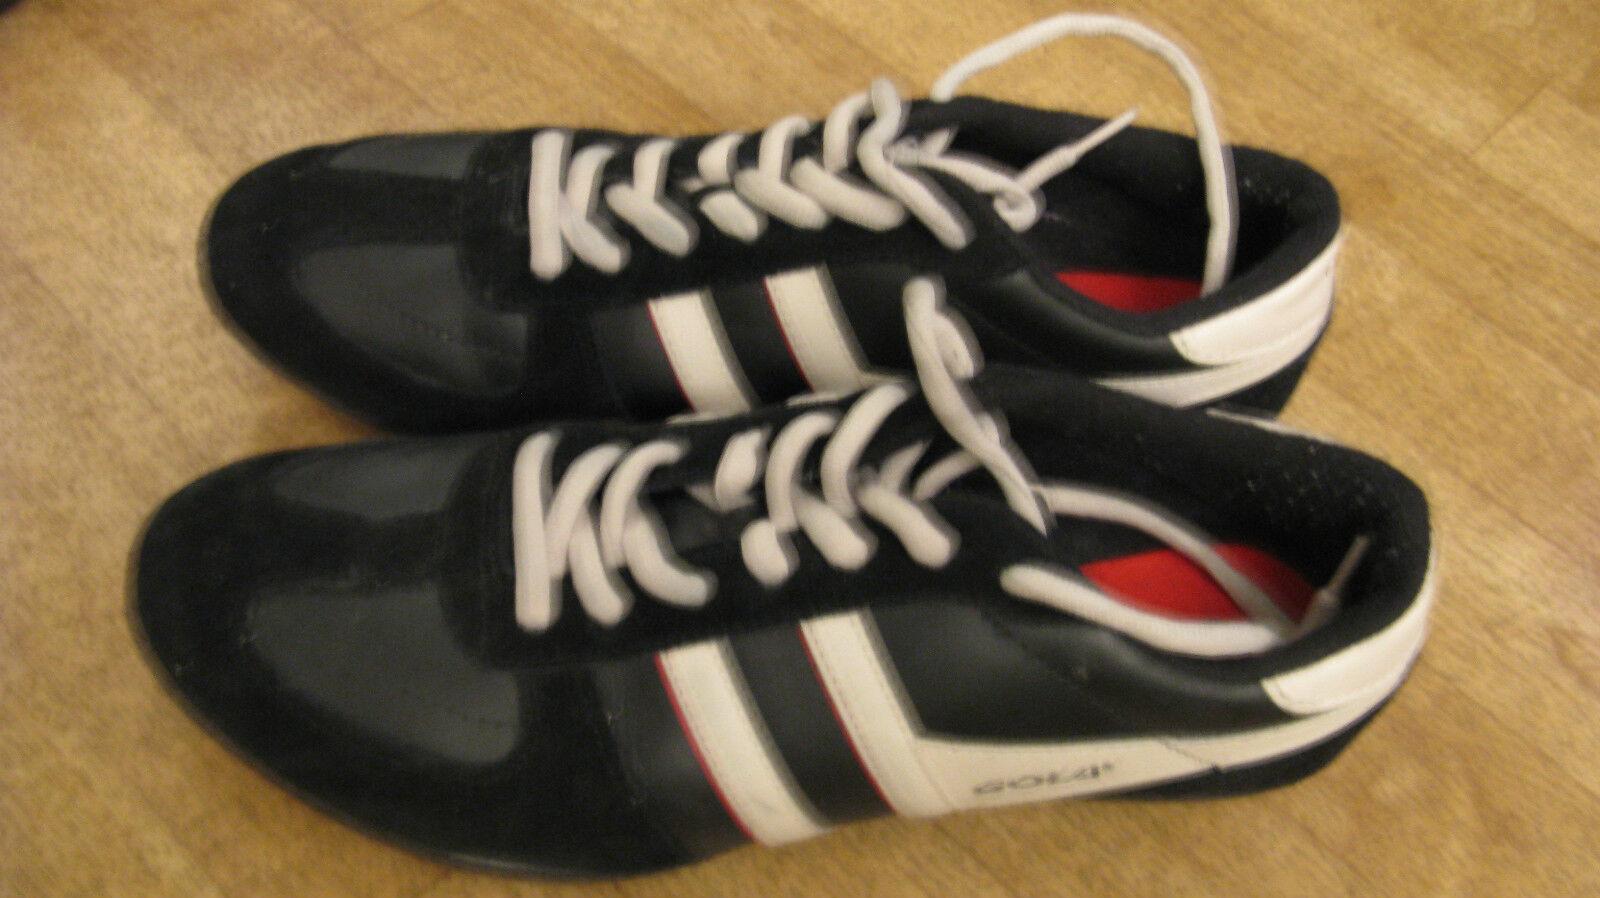 Gola Herren Sneaker Gr. 44 Schwarz Weiß Leder Sneakers Turnschuhe Men Gay Skater